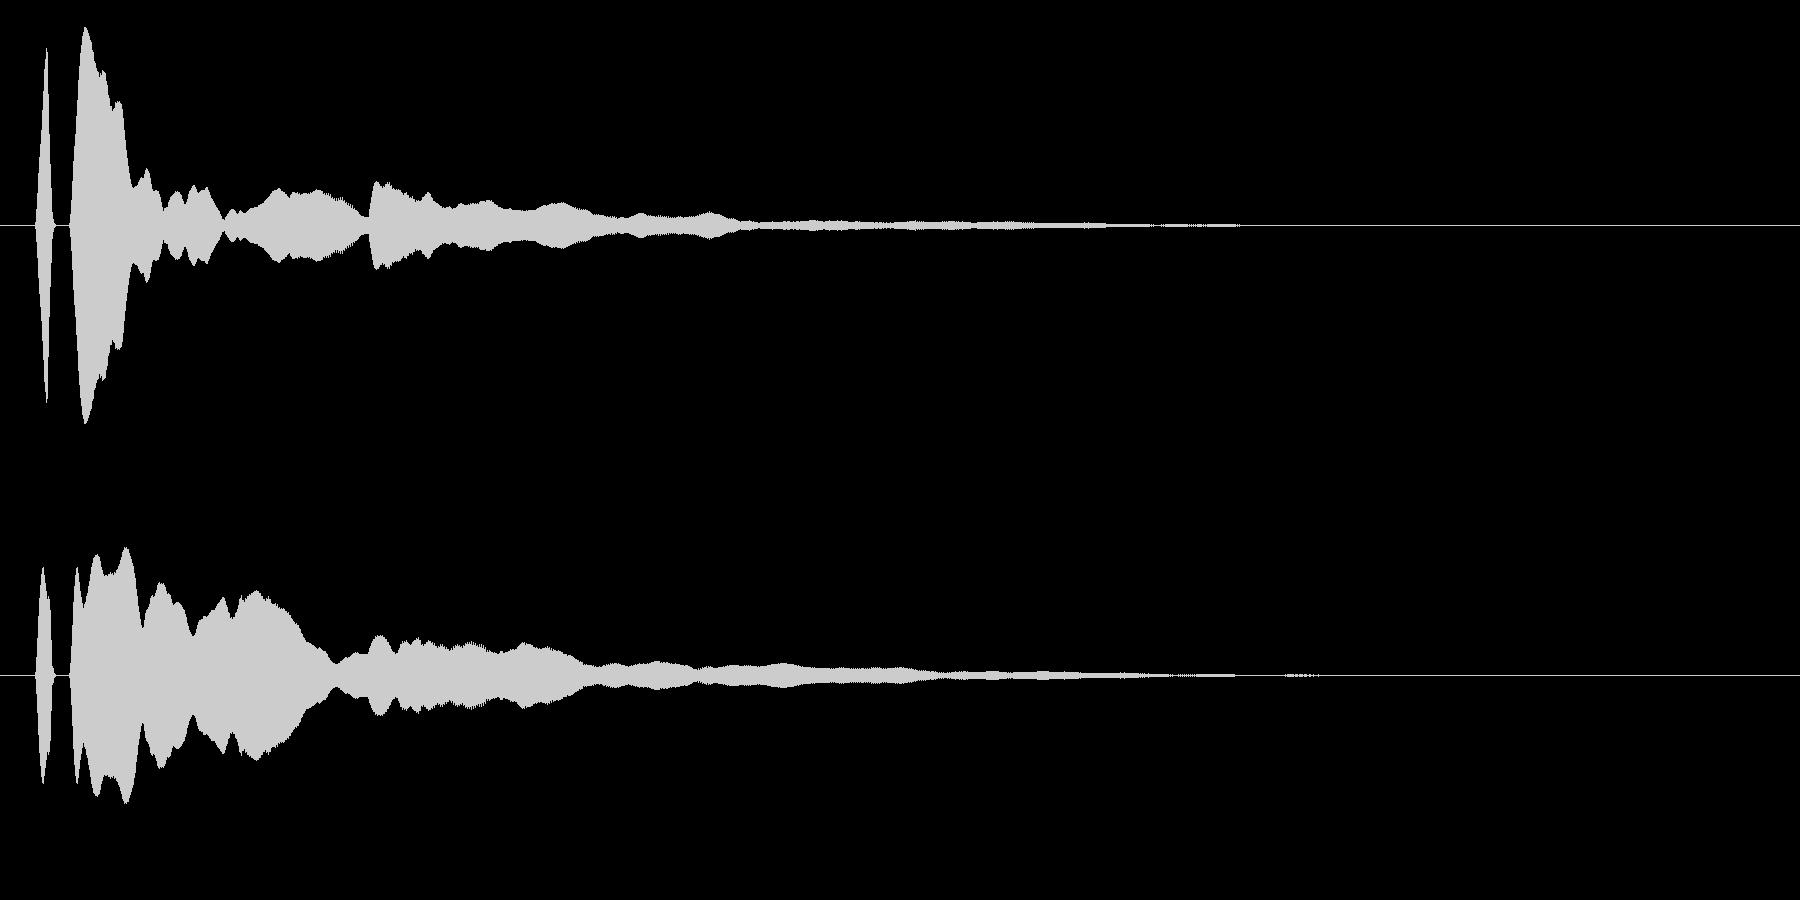 ピーン!シンプルな決定/ボタン/クリックの未再生の波形